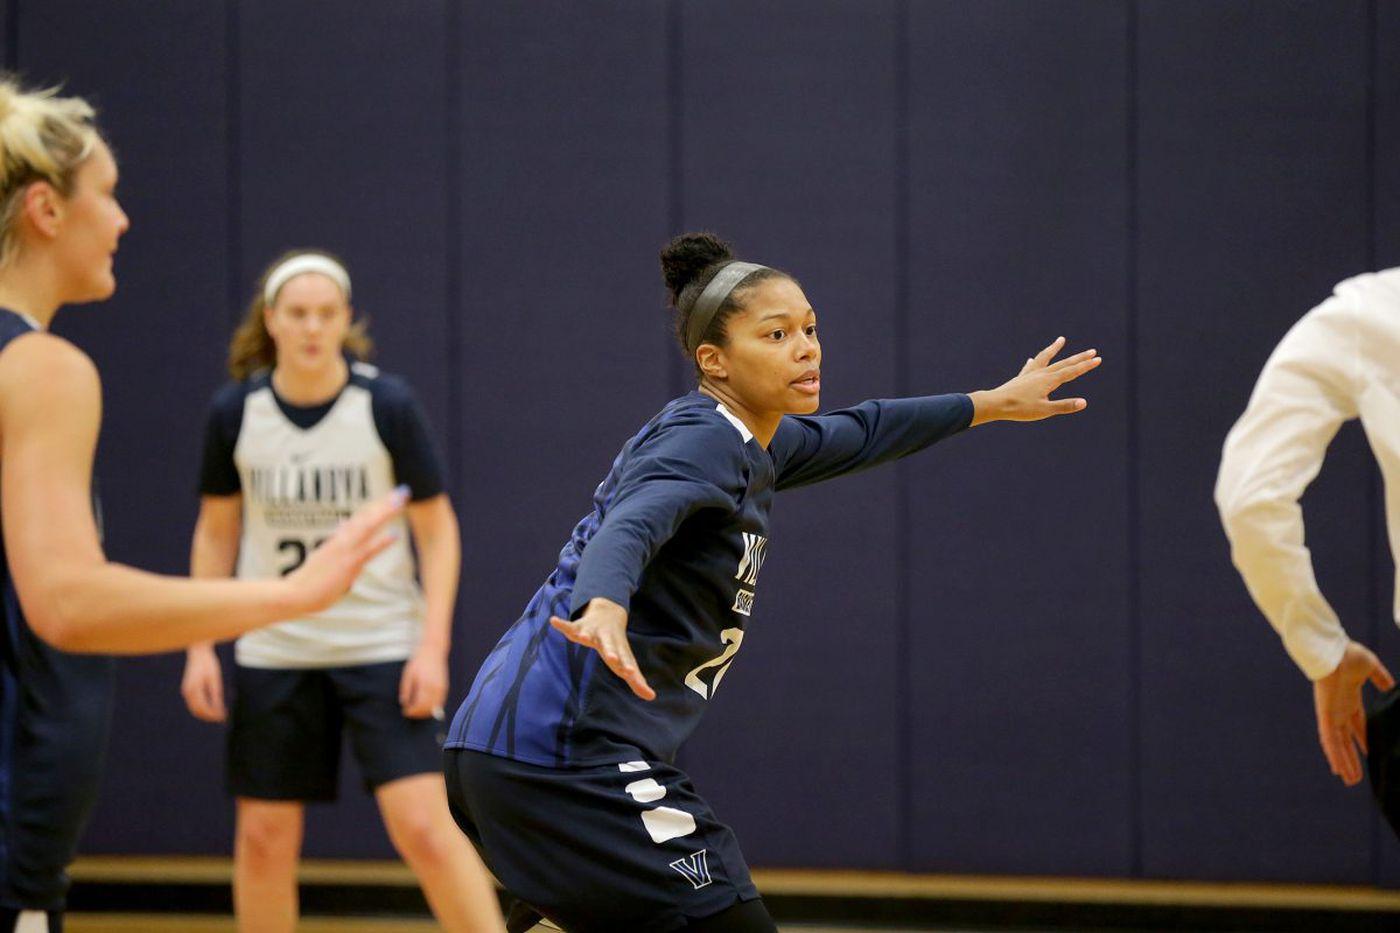 Villanova basketball player Jannah Tucker overcame a nightmare and kept playing